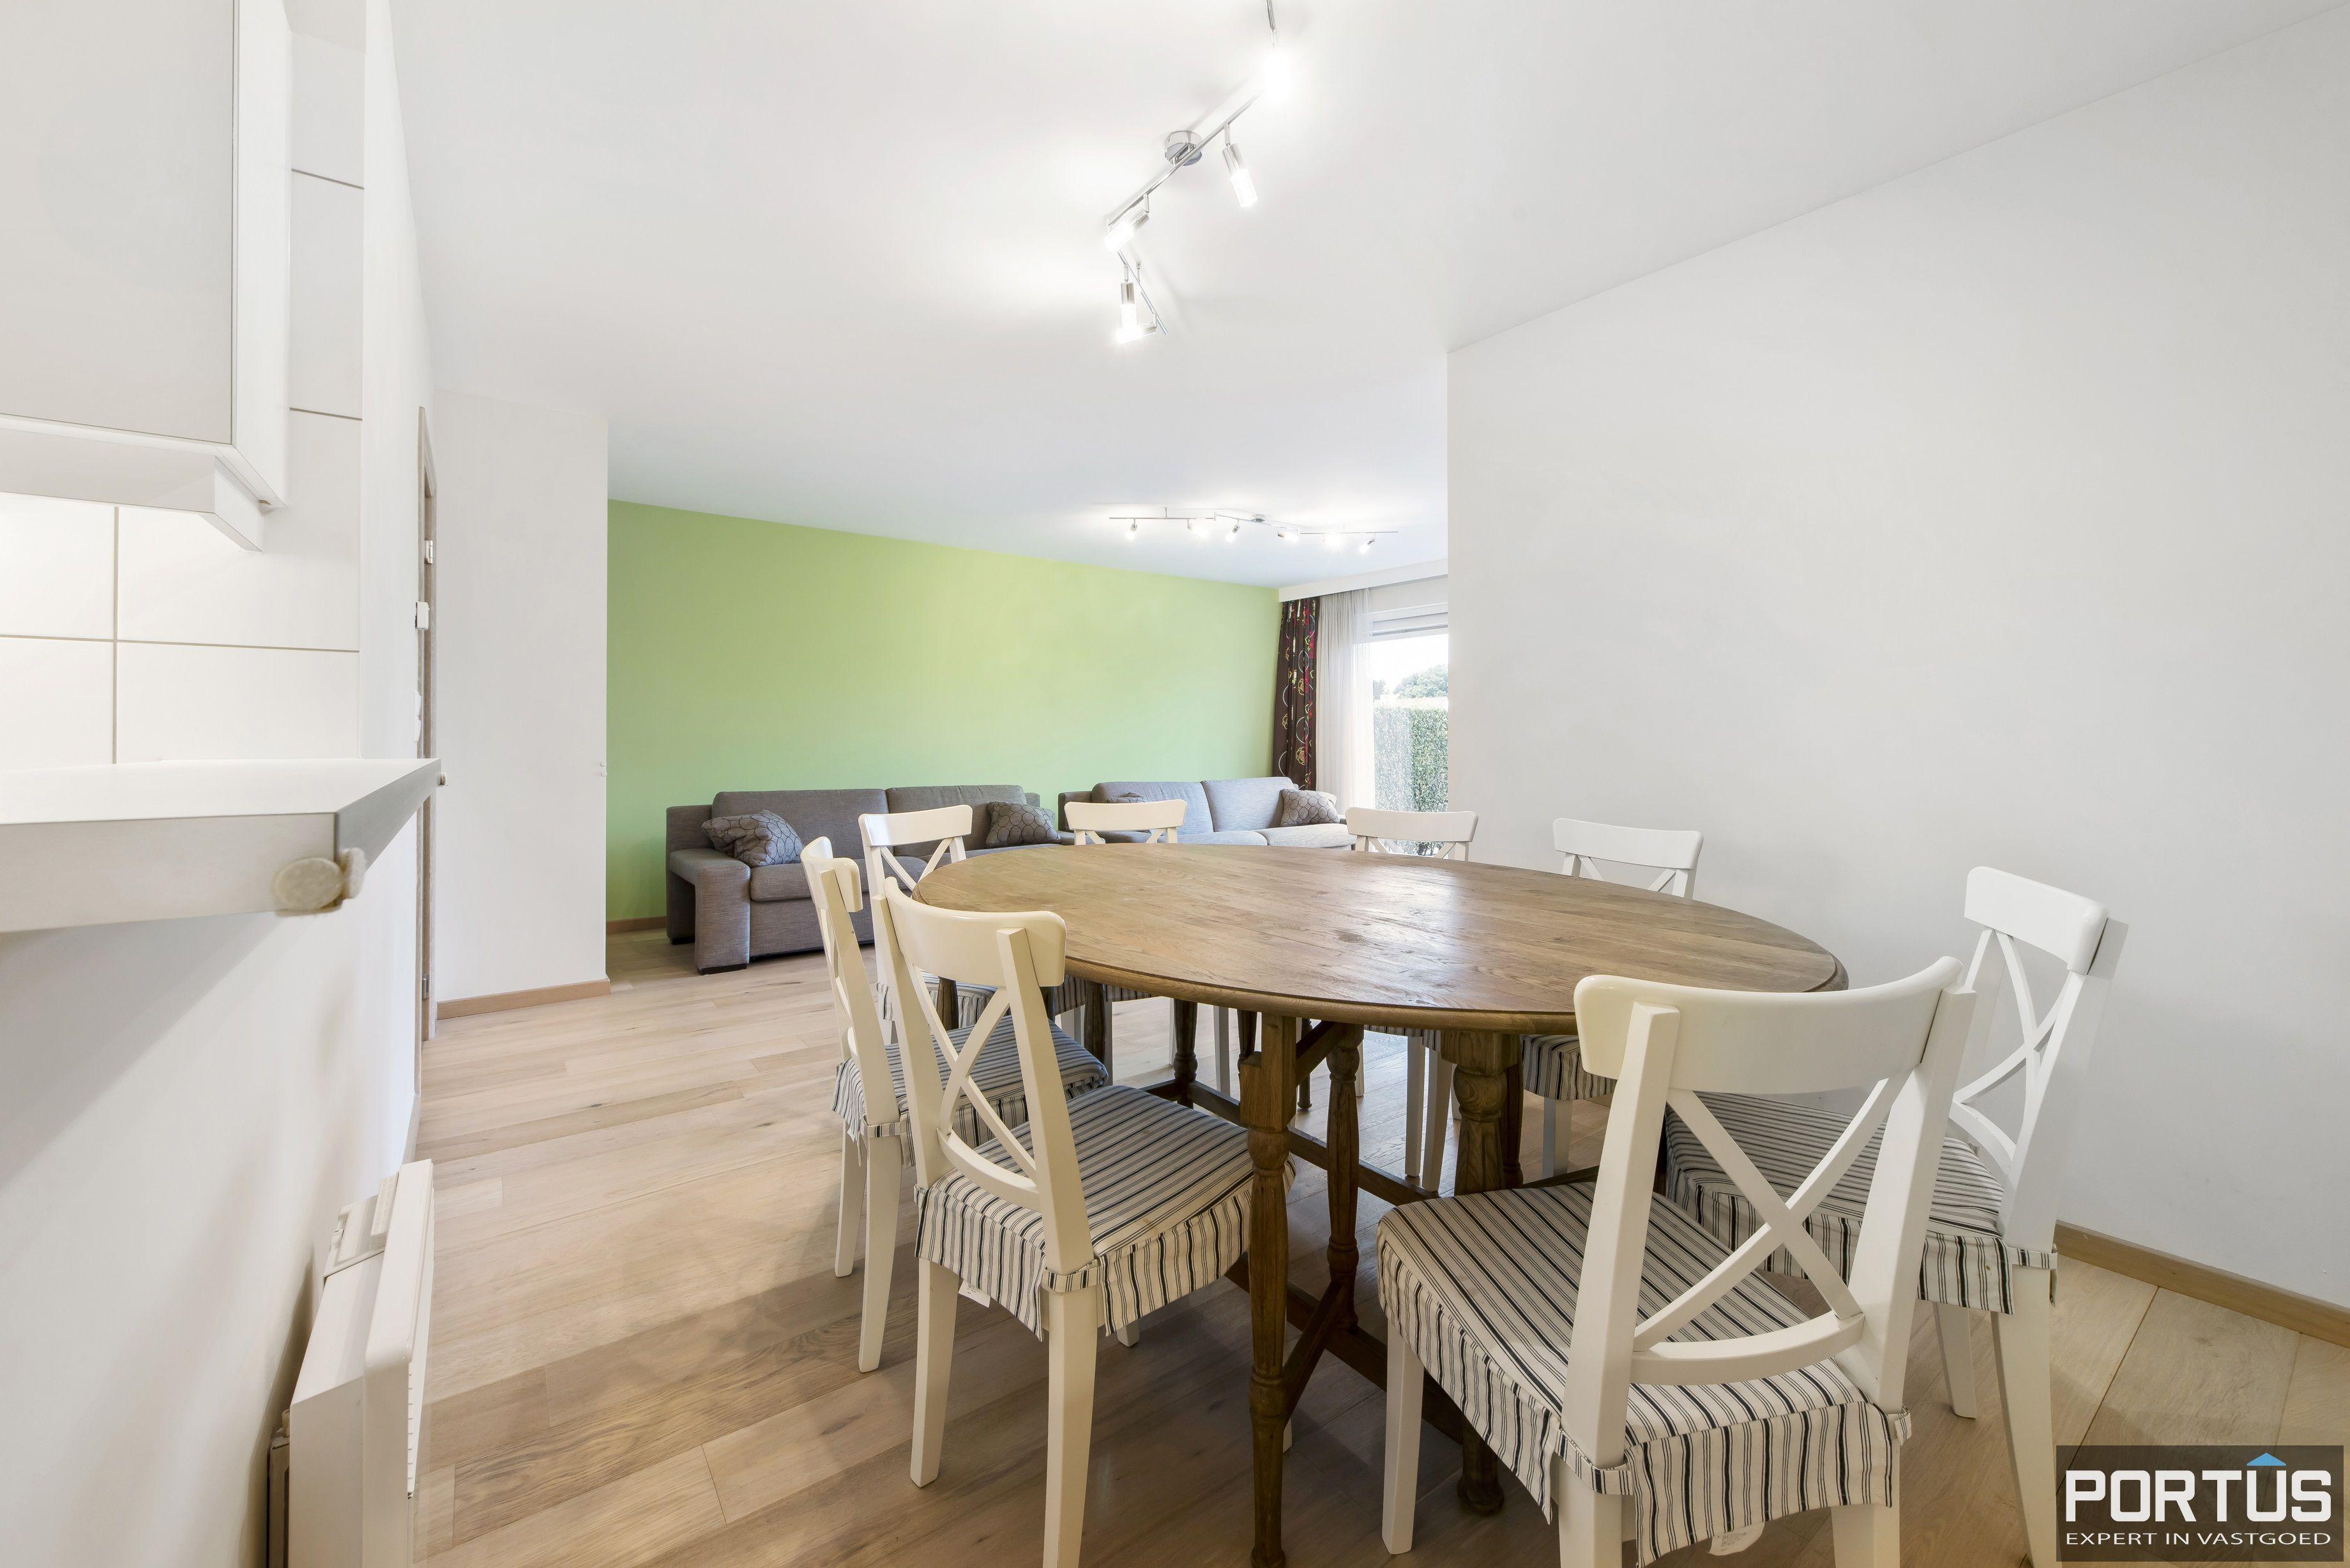 Gelijkvloers appartement te koop met 2 slaapkamers en privé tuin - 9836